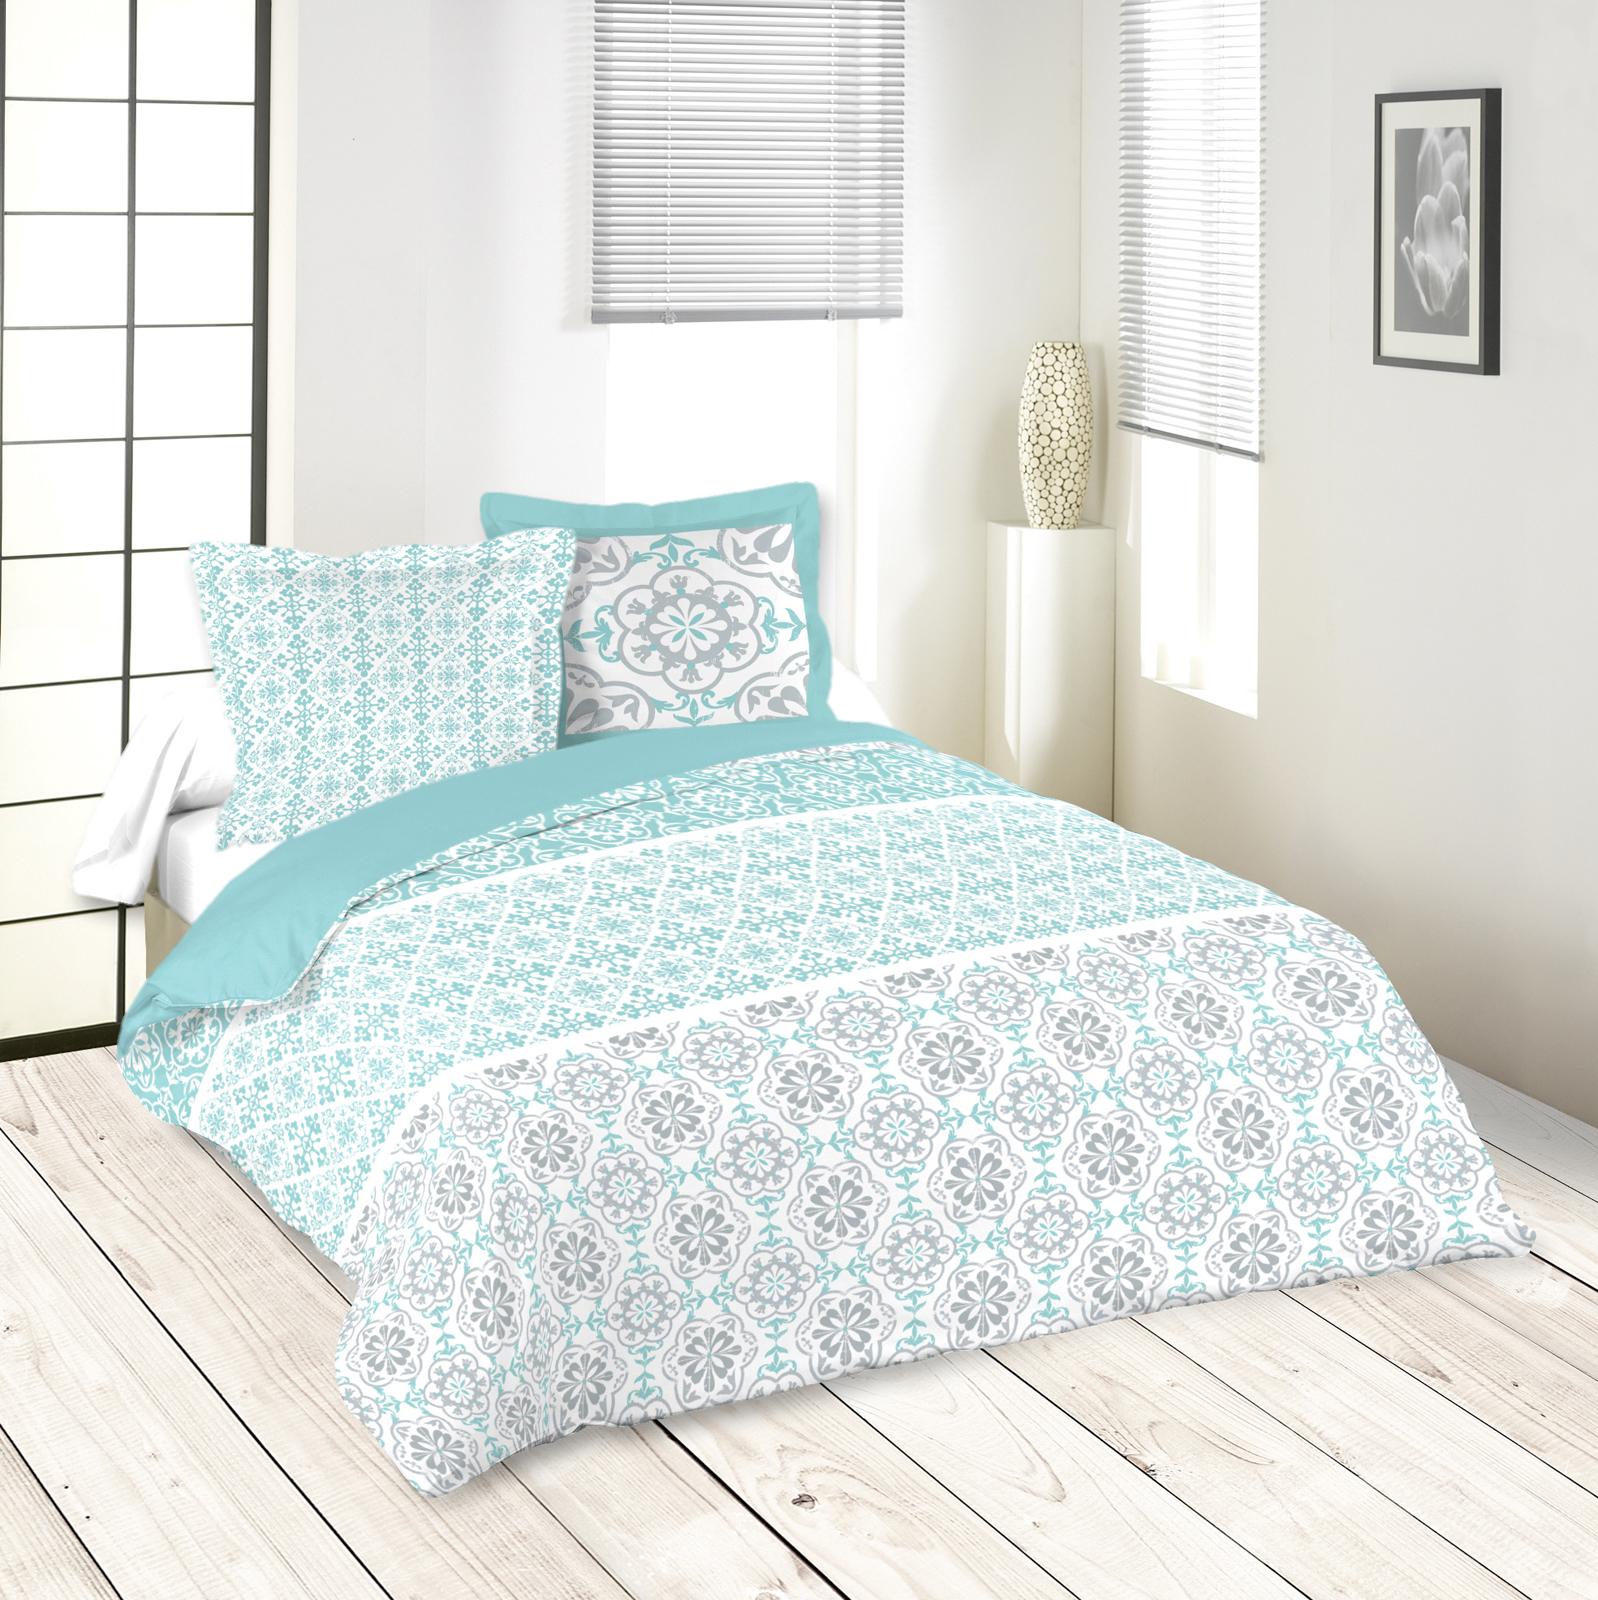 Housse De Couette Noir Blanc Gris parure de lit motifs arabesques bleu blanc gris 260x240 housse de couette +  2 taies 63x63 100% coton lisboa